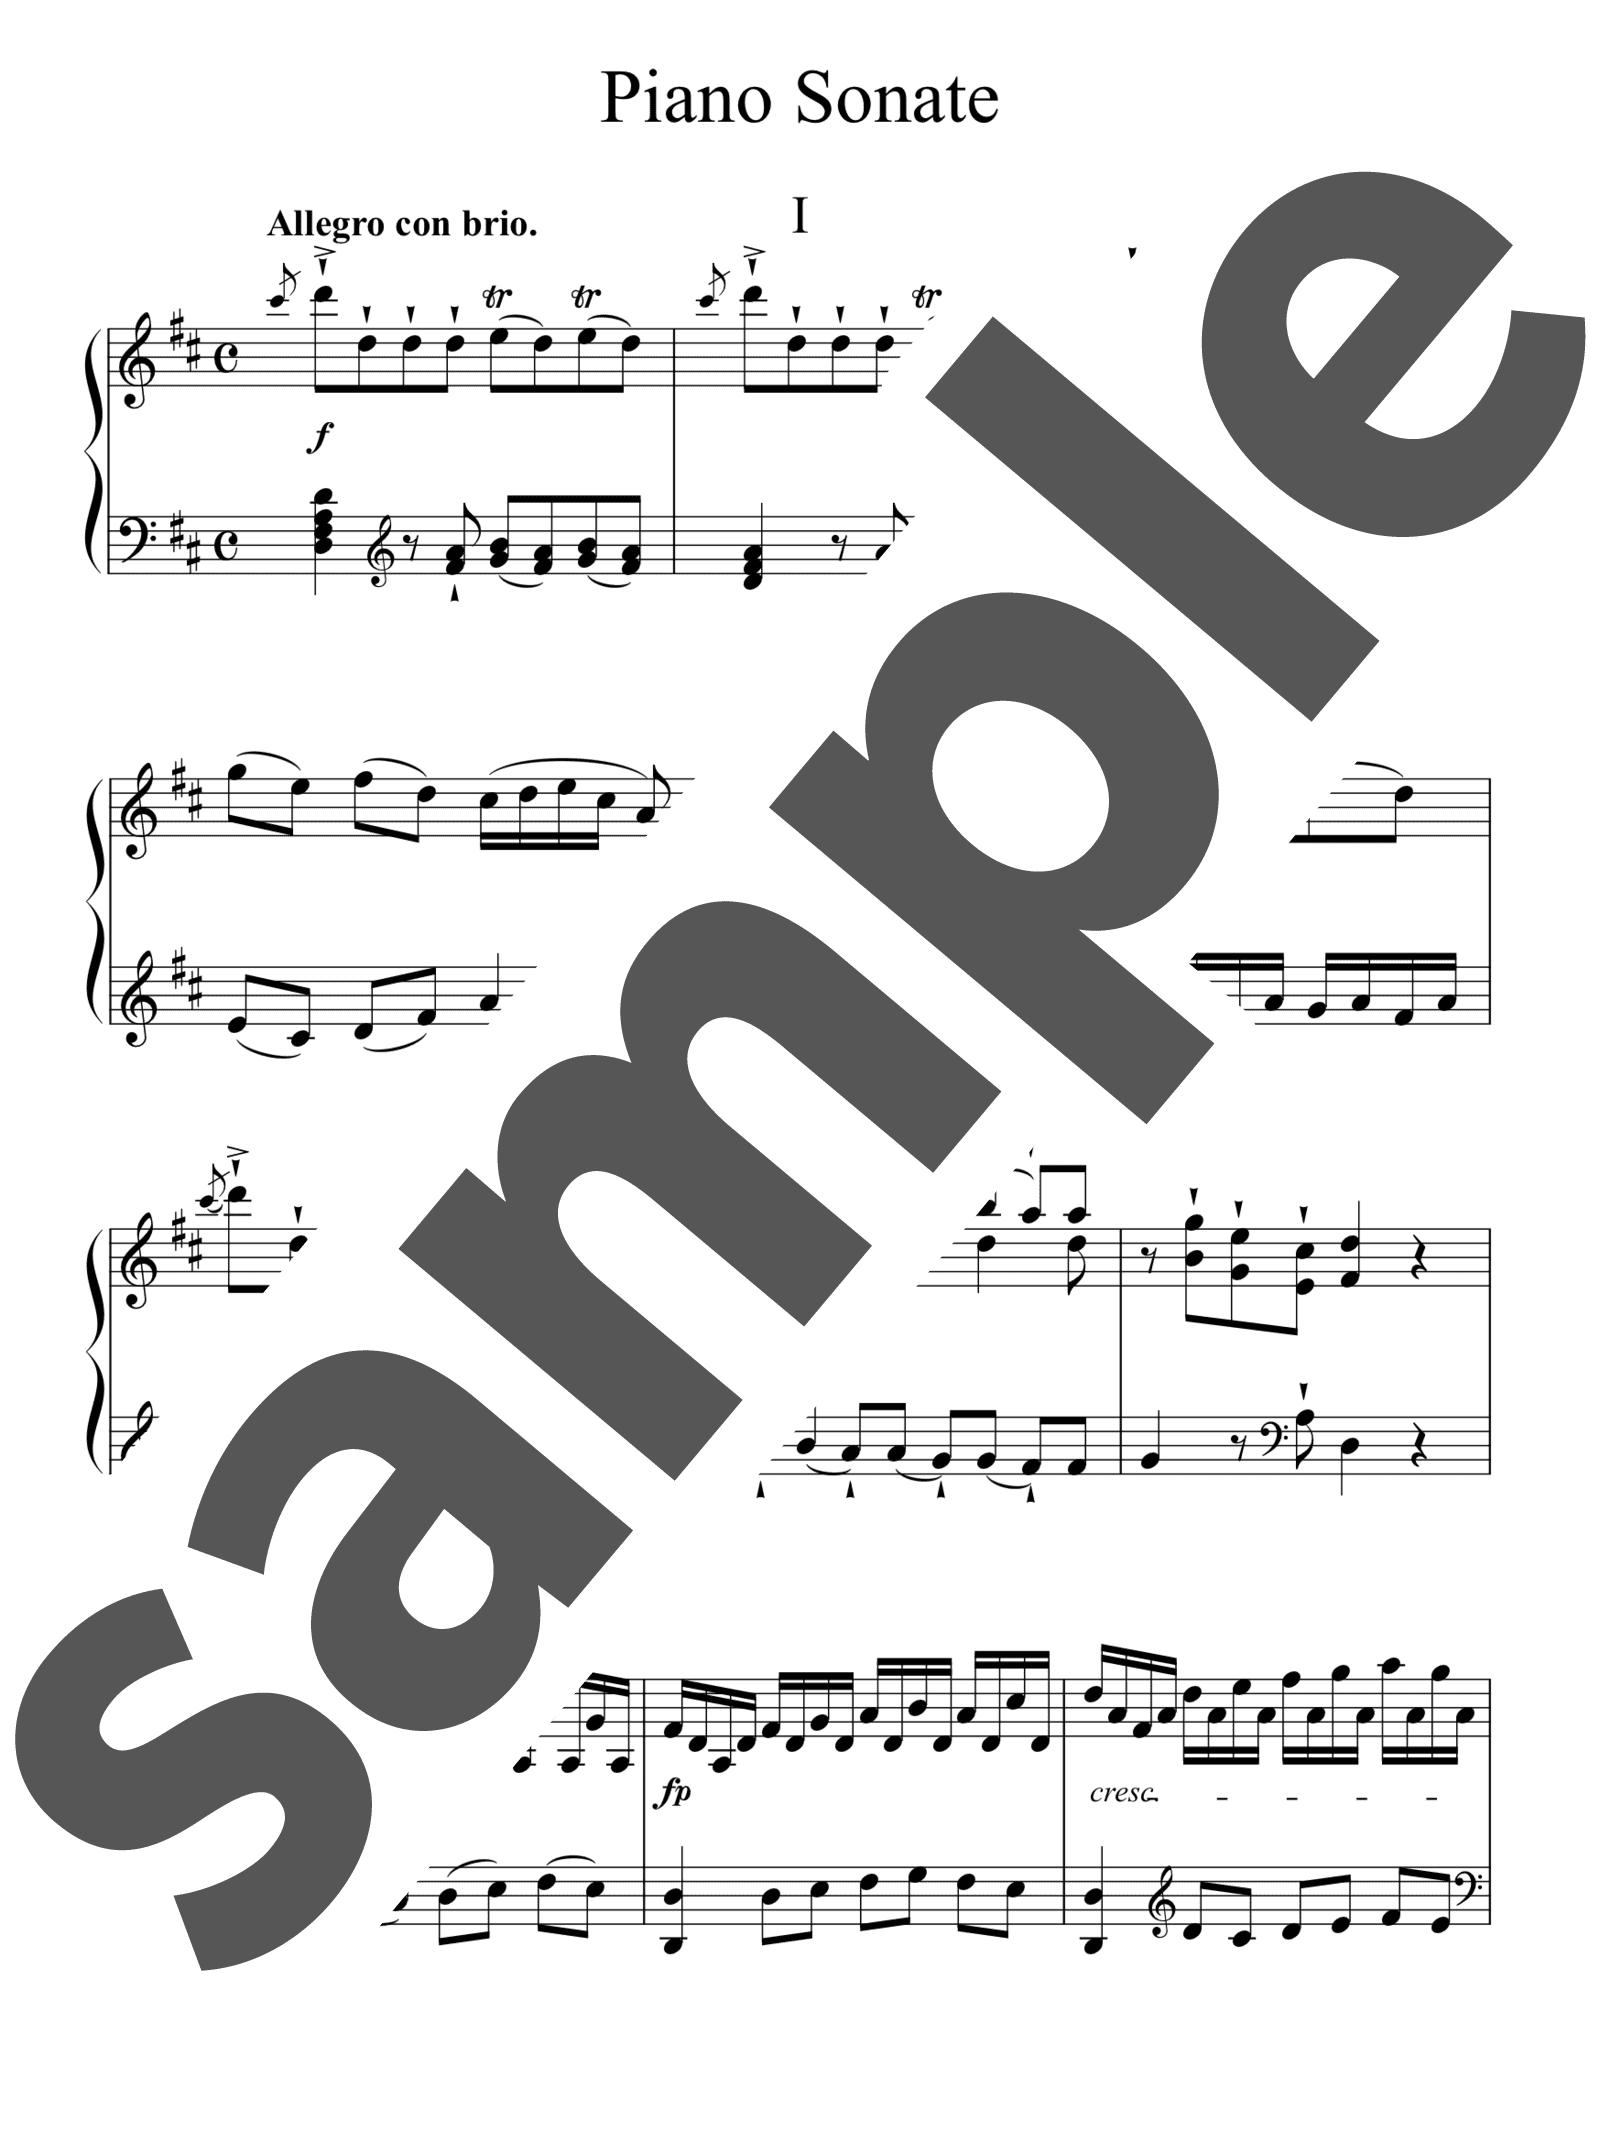 「ピアノ・ソナタ 第37番 ニ長調 第1楽章」のサンプル楽譜